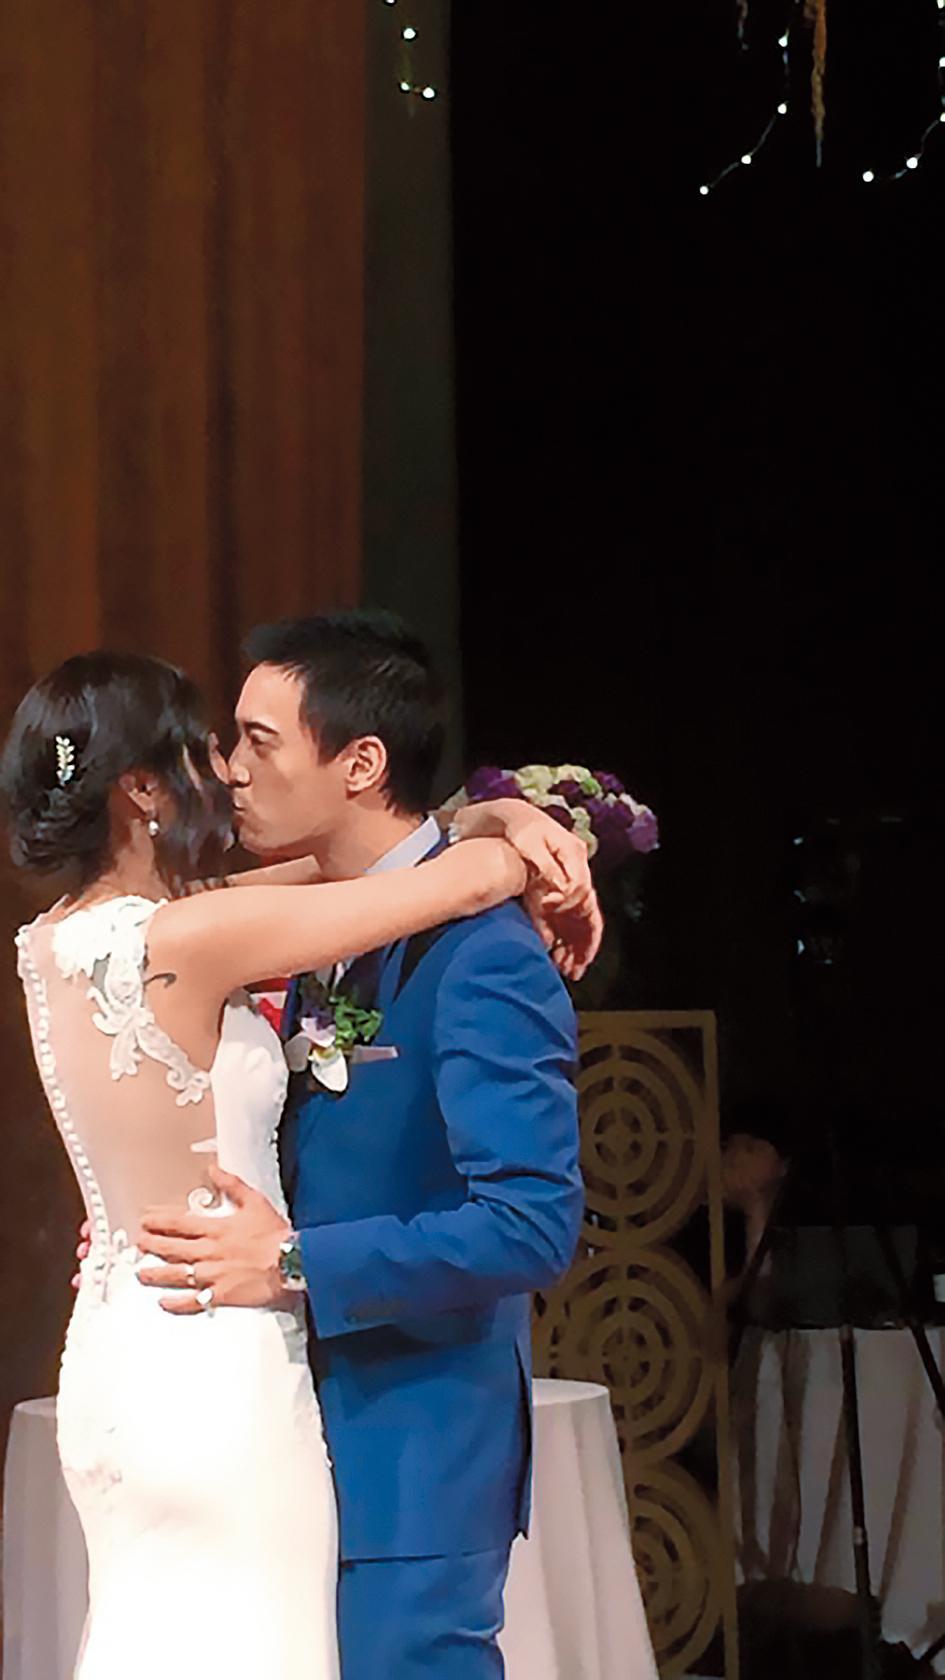 蔣友青與周玟君小倆口在婚宴時公然親熱,在眾人面前肉體交纏,唇唇交歡。(翻攝自Ta Chnn Kao臉書)